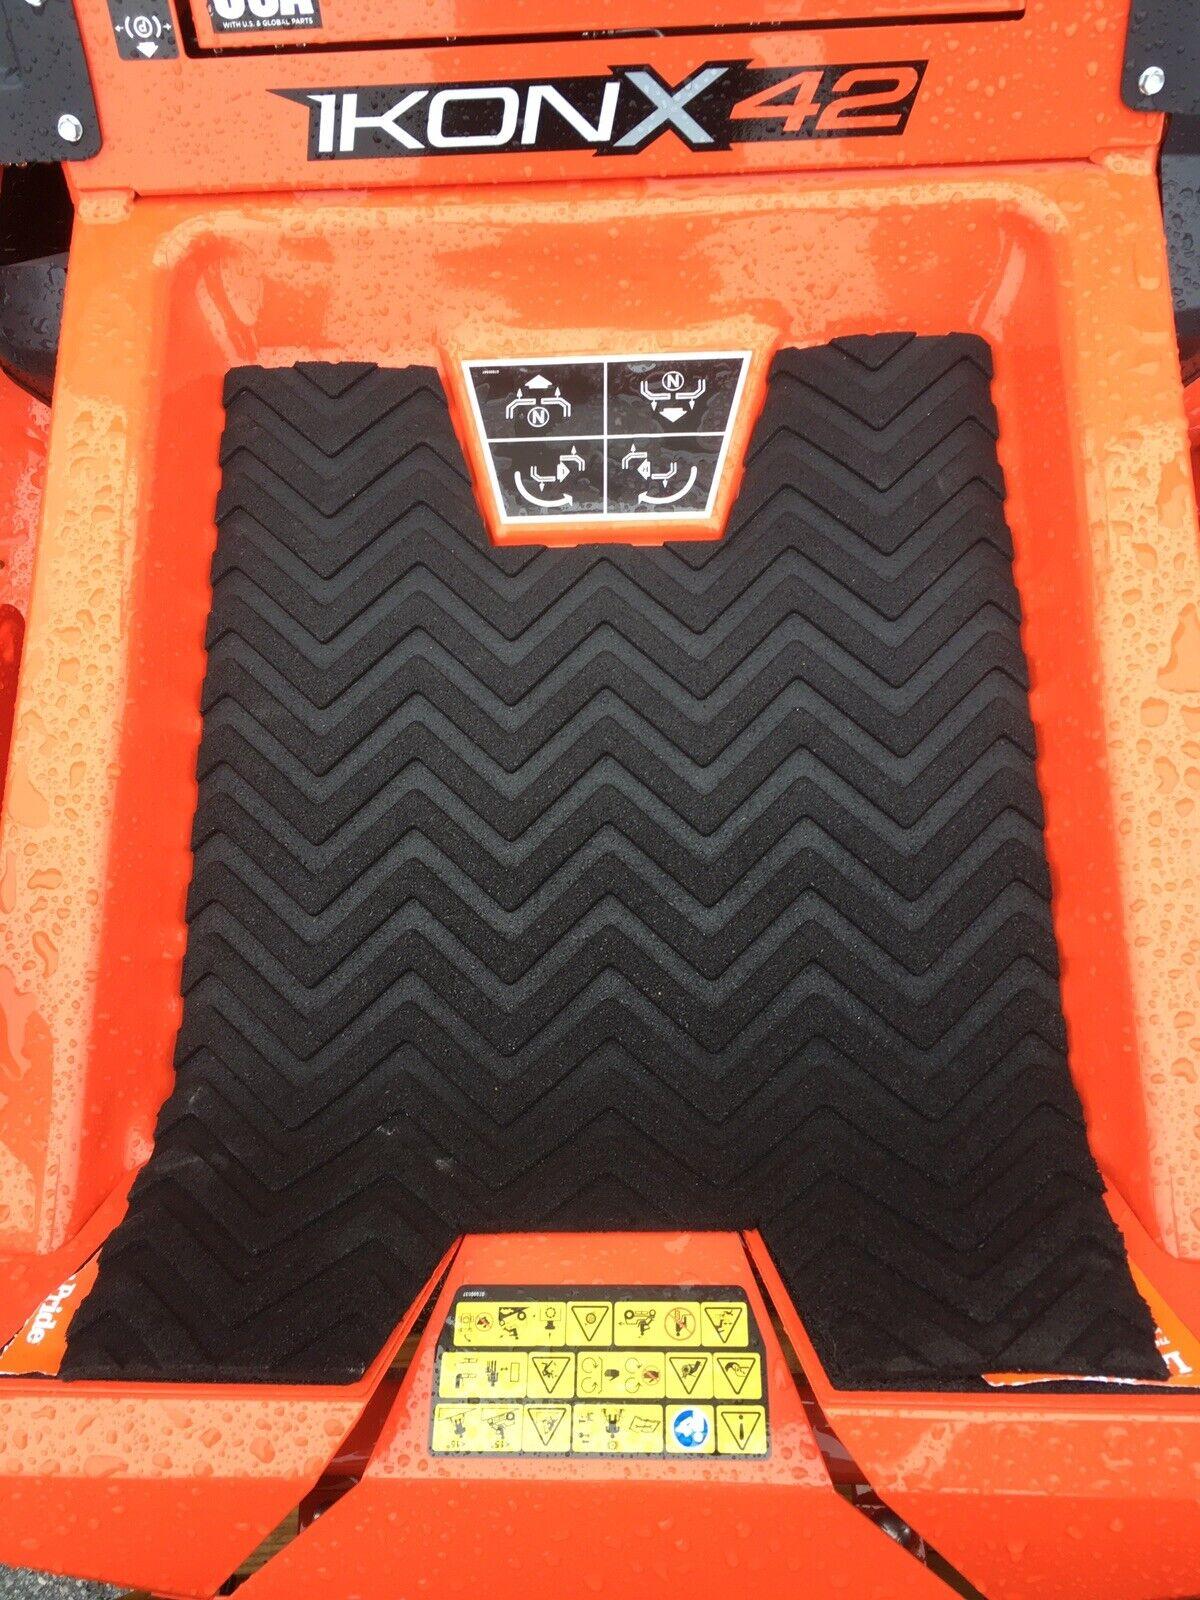 G Ariens Ikon X & XL Mower Mat,Fits 42'' 52'' & 60'' mow